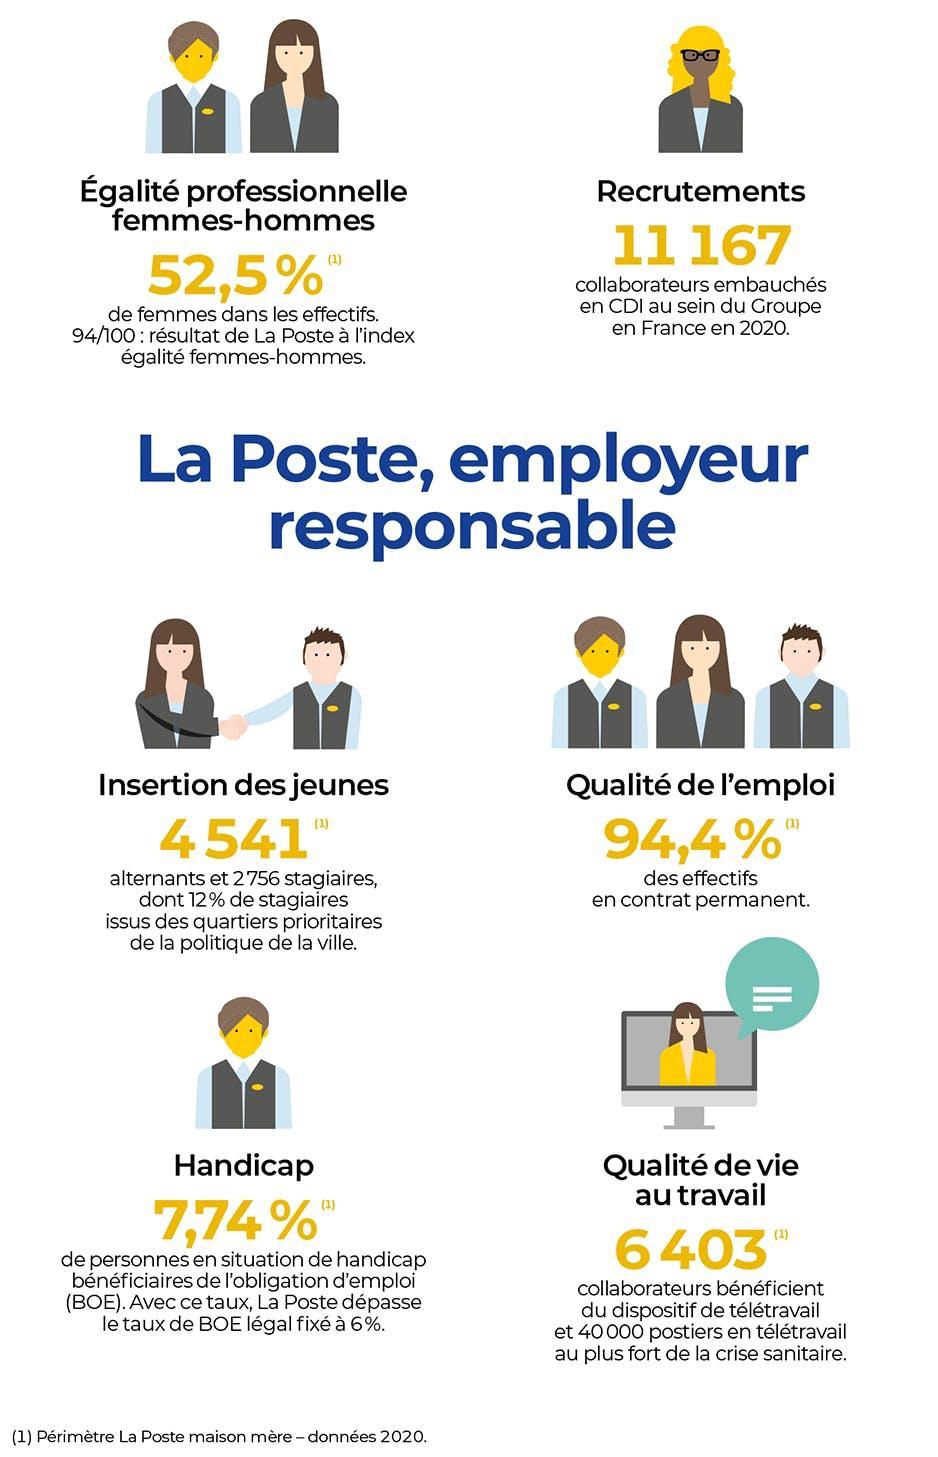 La Poste s'engage dans l'emploi stable et durable